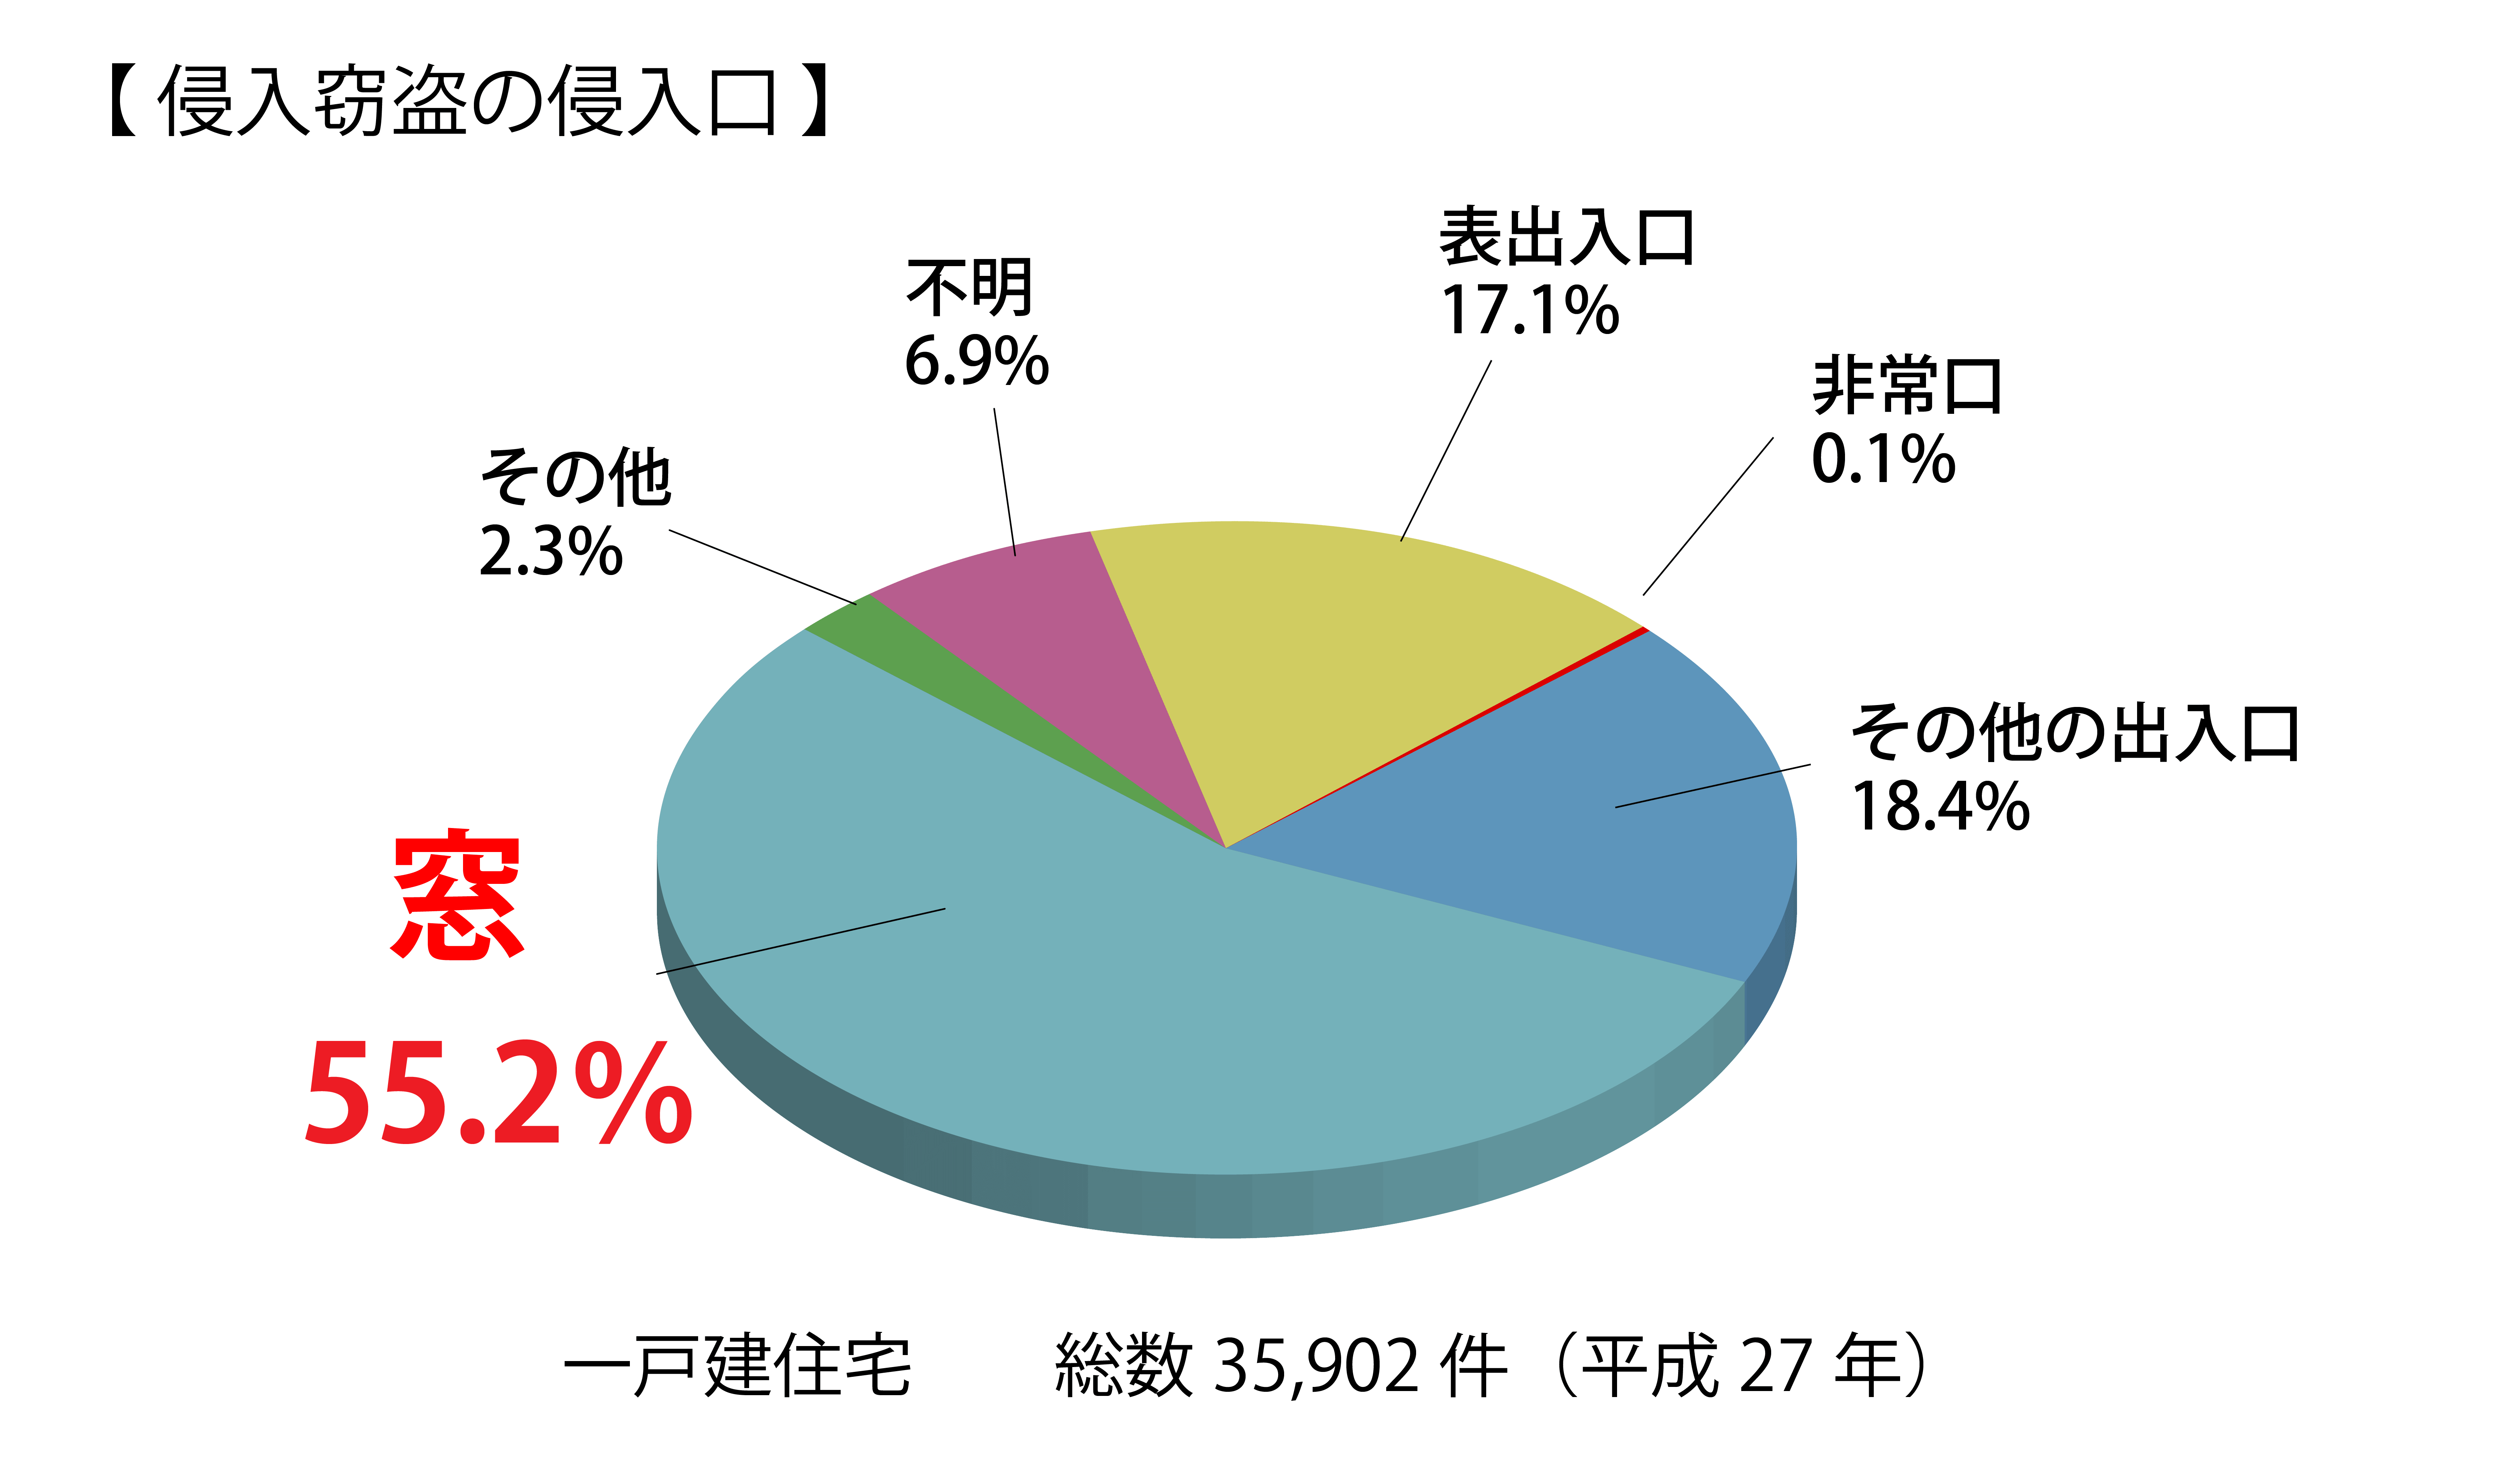 侵入窃盗の侵入口グラフ。窓が55.2%を占めている